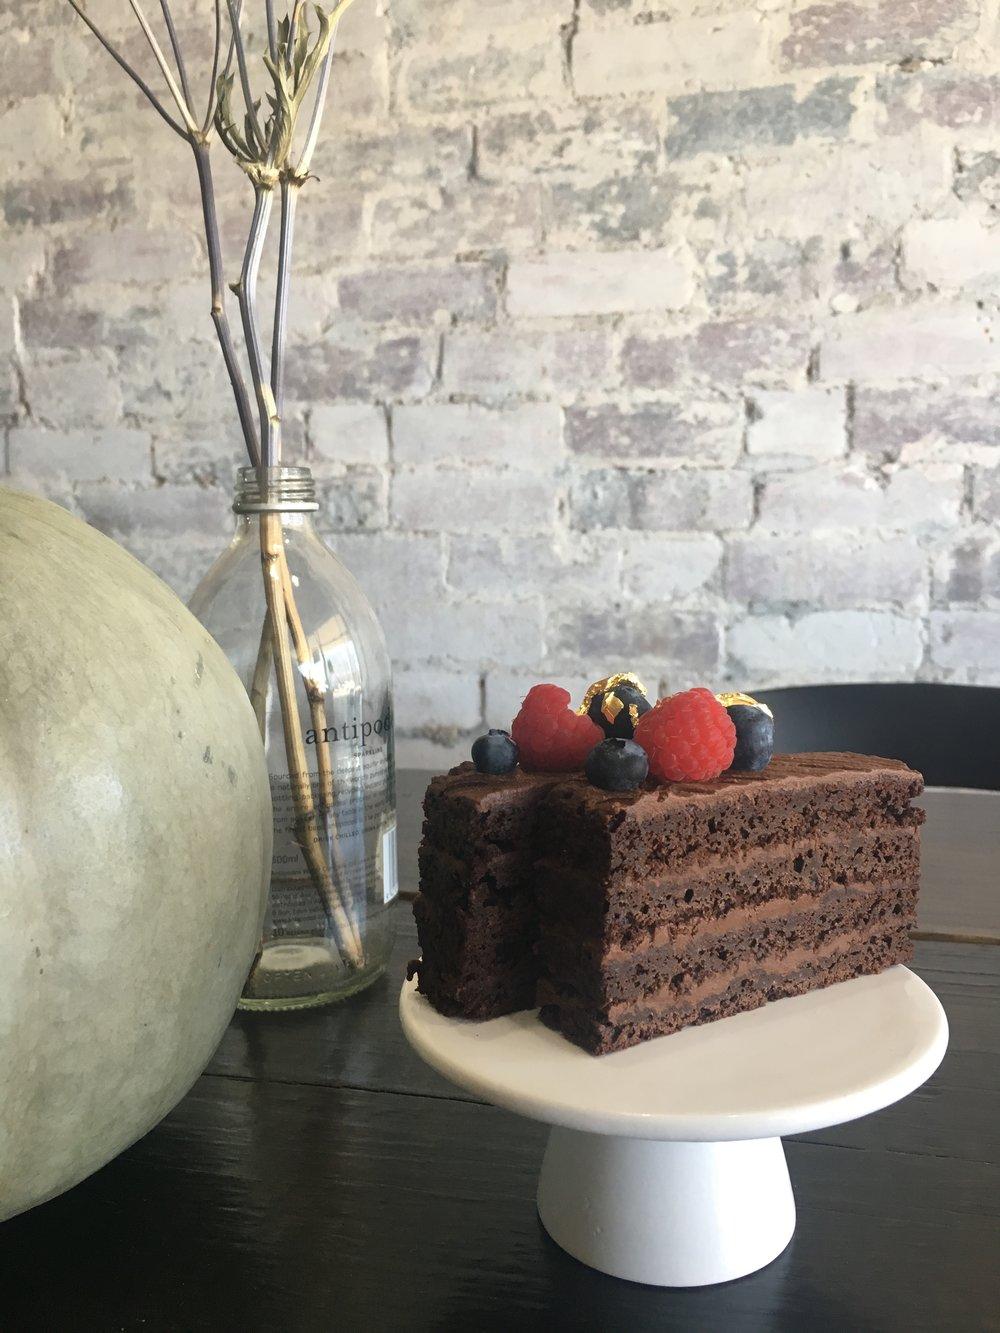 Vegan Chocolate Mud - Simple yet elegant mud cake, with fresh berries and vegan ganache.